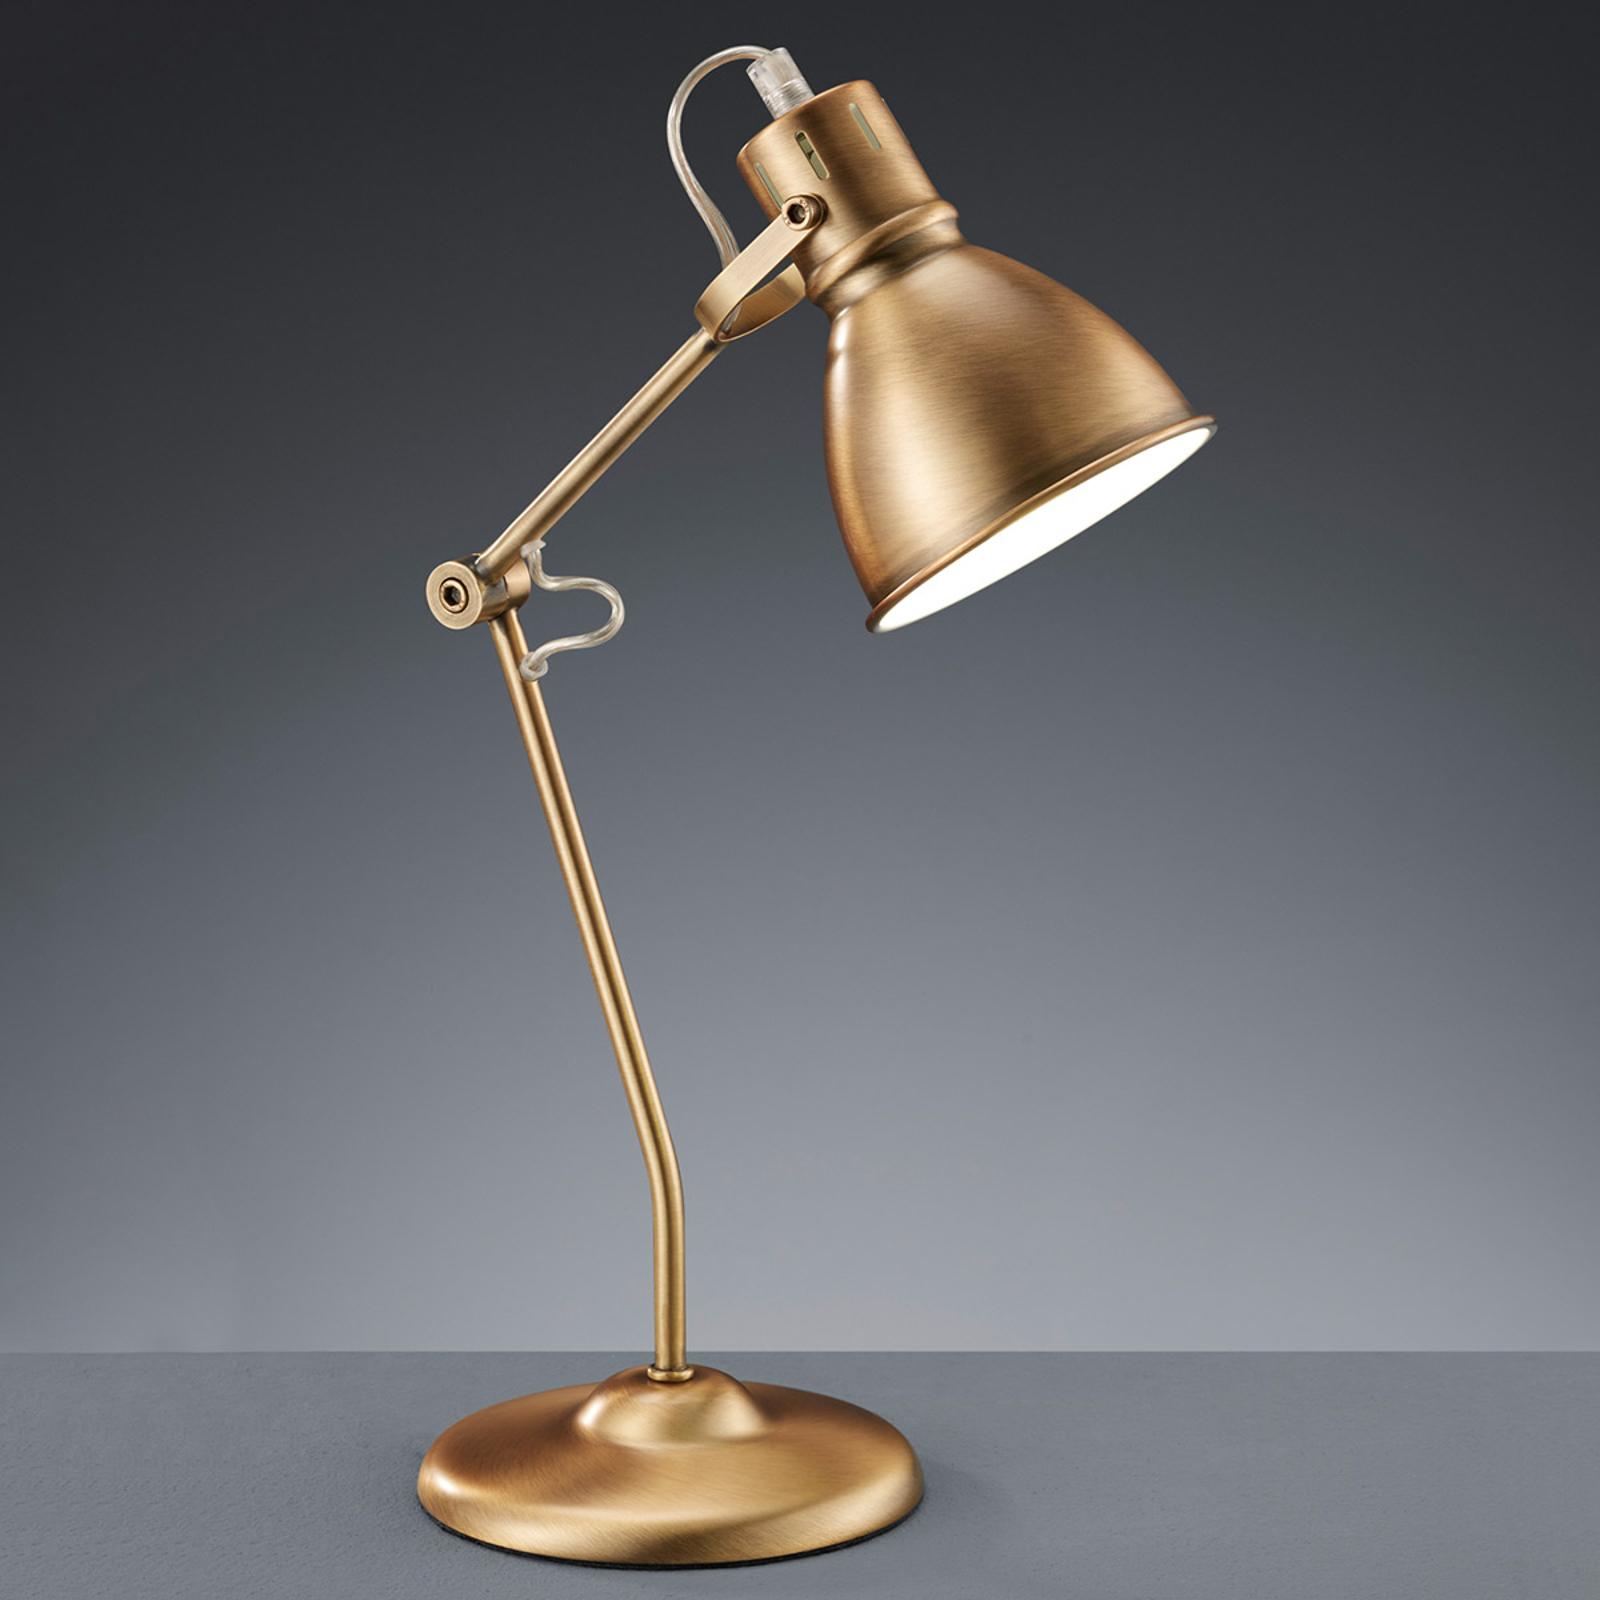 Pöytälamppu Keali, säädettävä, antiikkimessinki